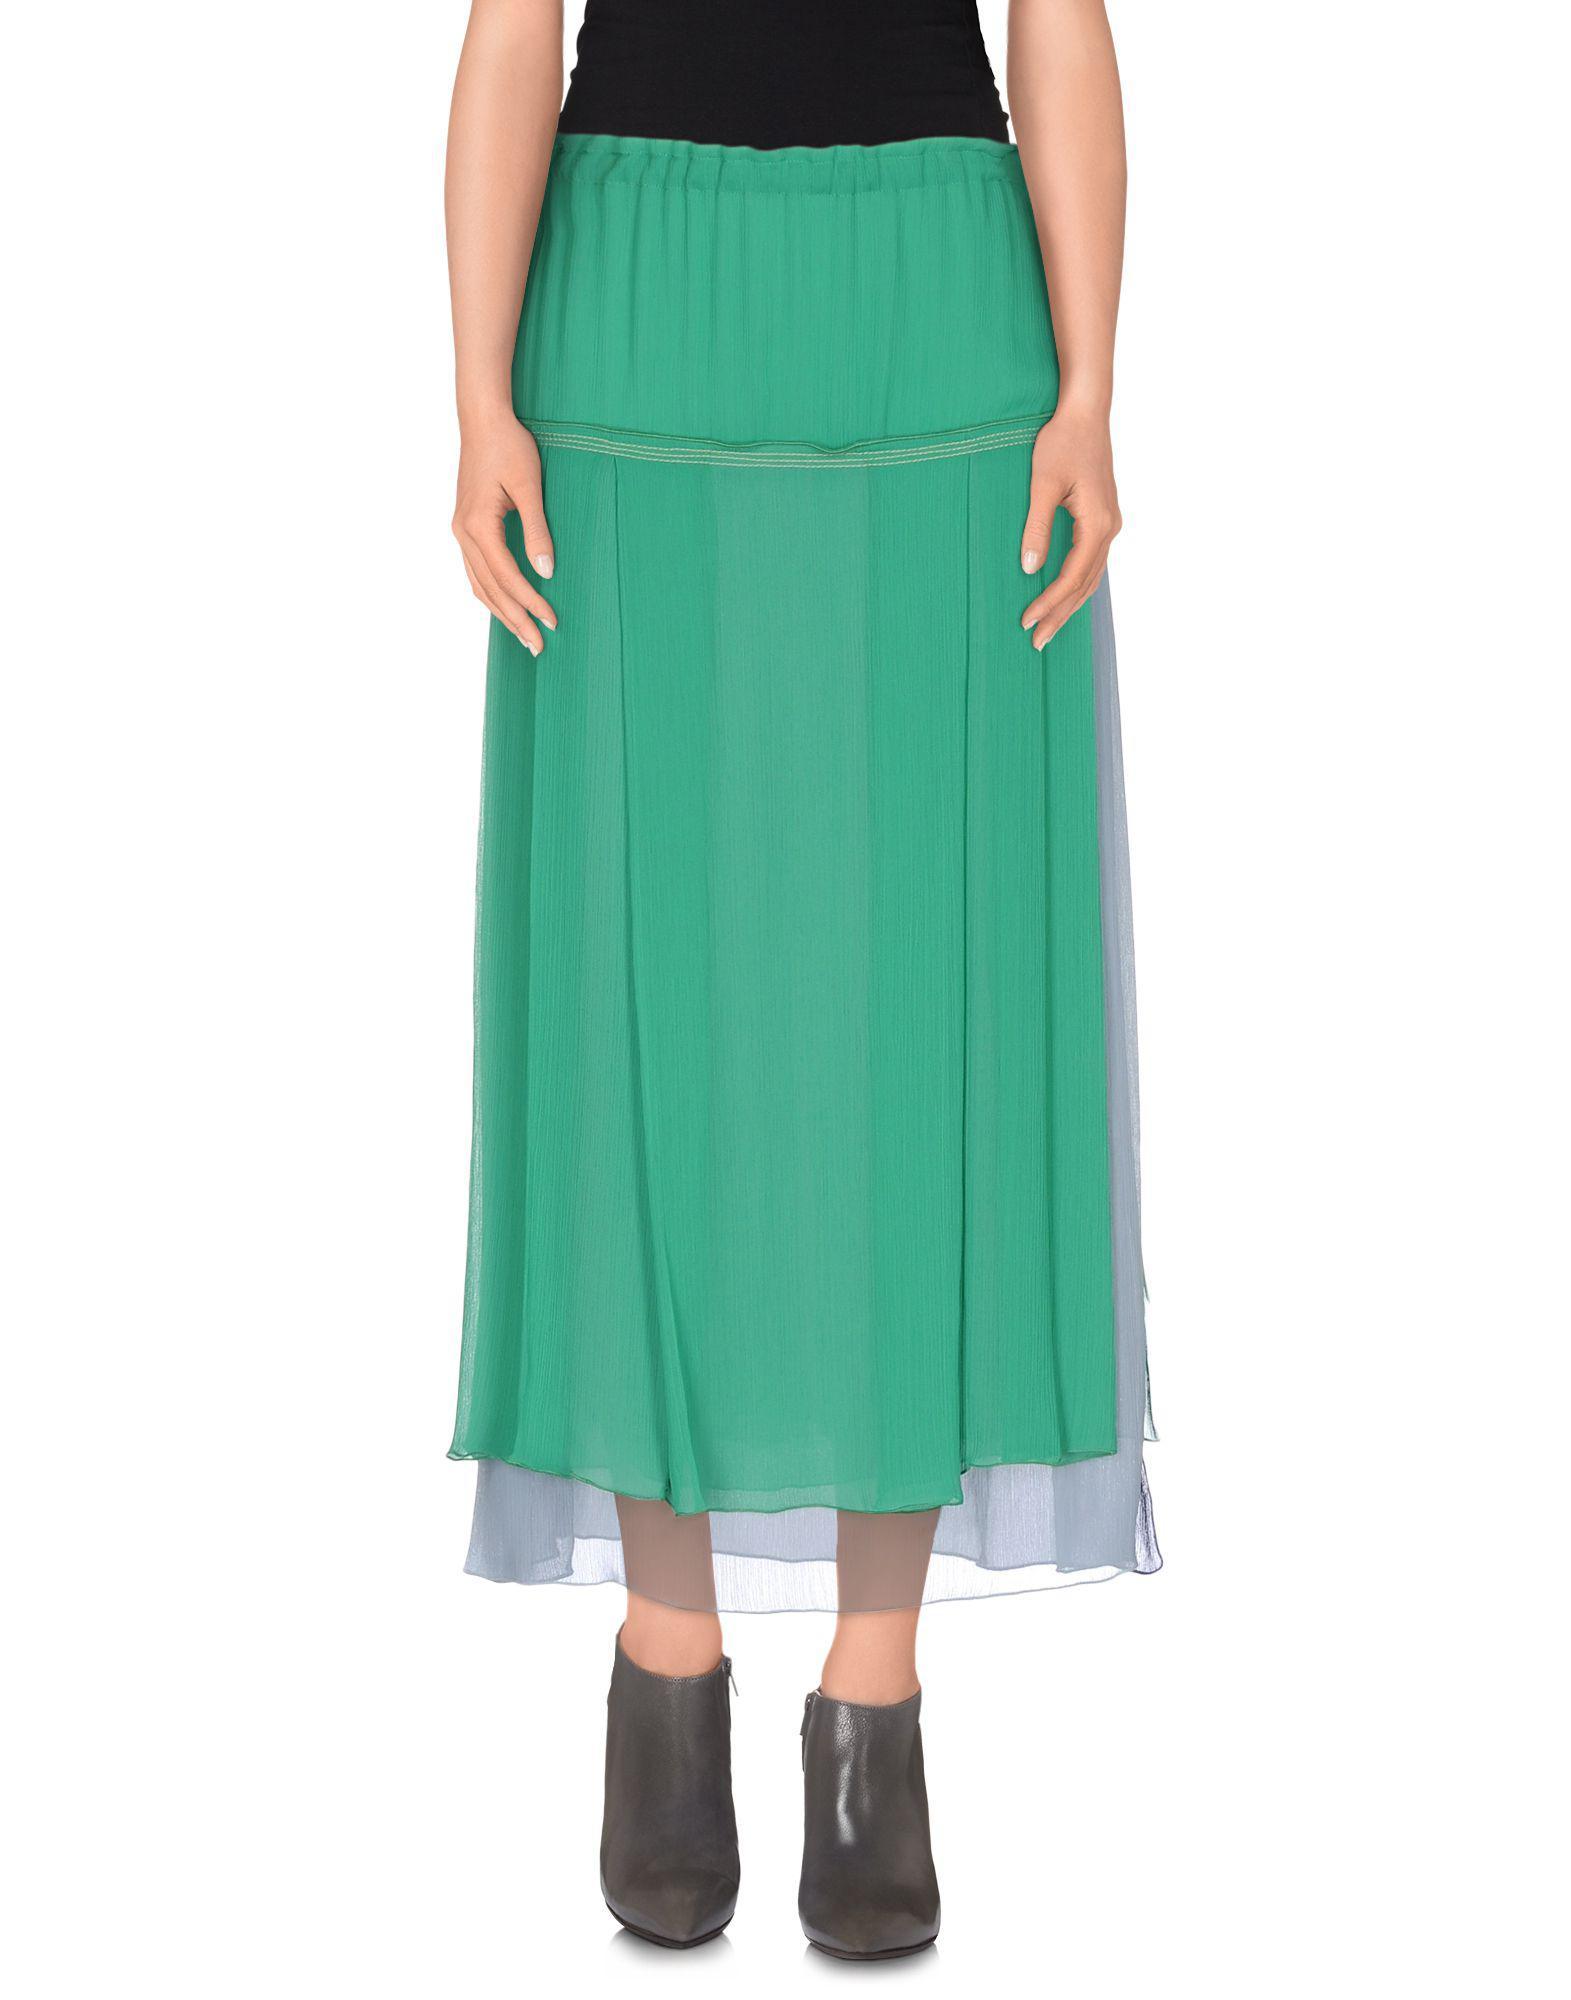 Green Knee Length Skirt